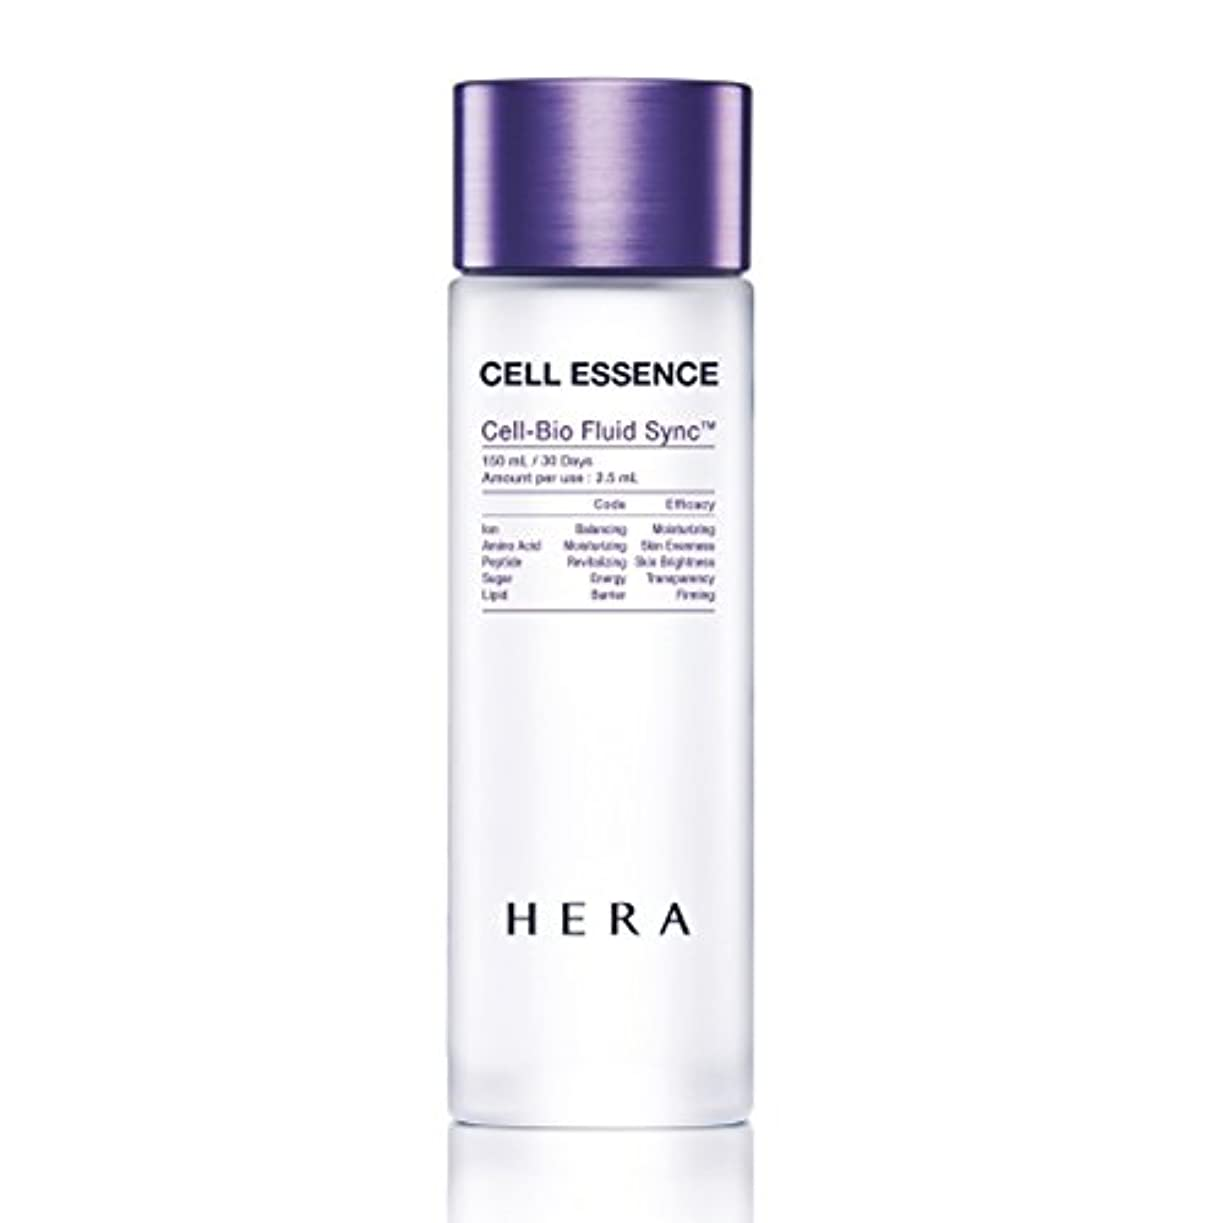 非難する雨のせせらぎ[ヘラ/HERA]HERA CELL ESSENCE/ヘラ セル エッセンス 150ml【美容液】(海外直送品)